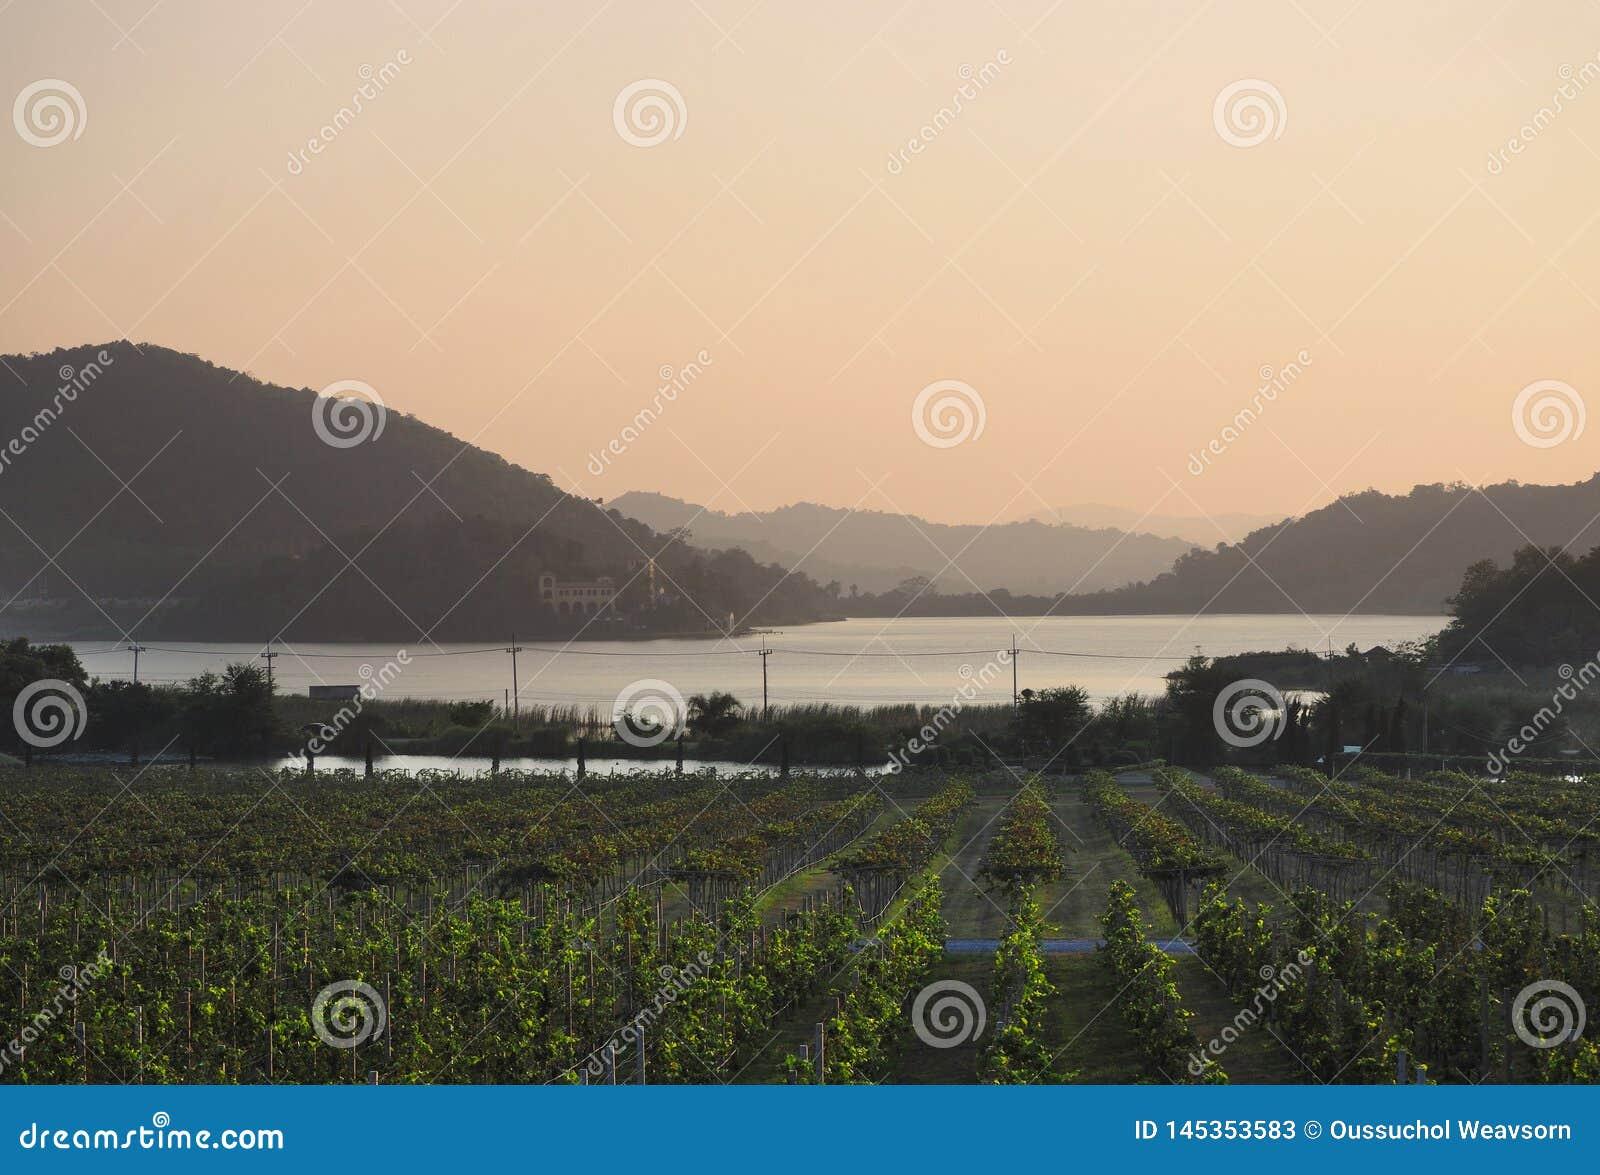 Silverlake - granja de la uva - Pattaya, Tailandia